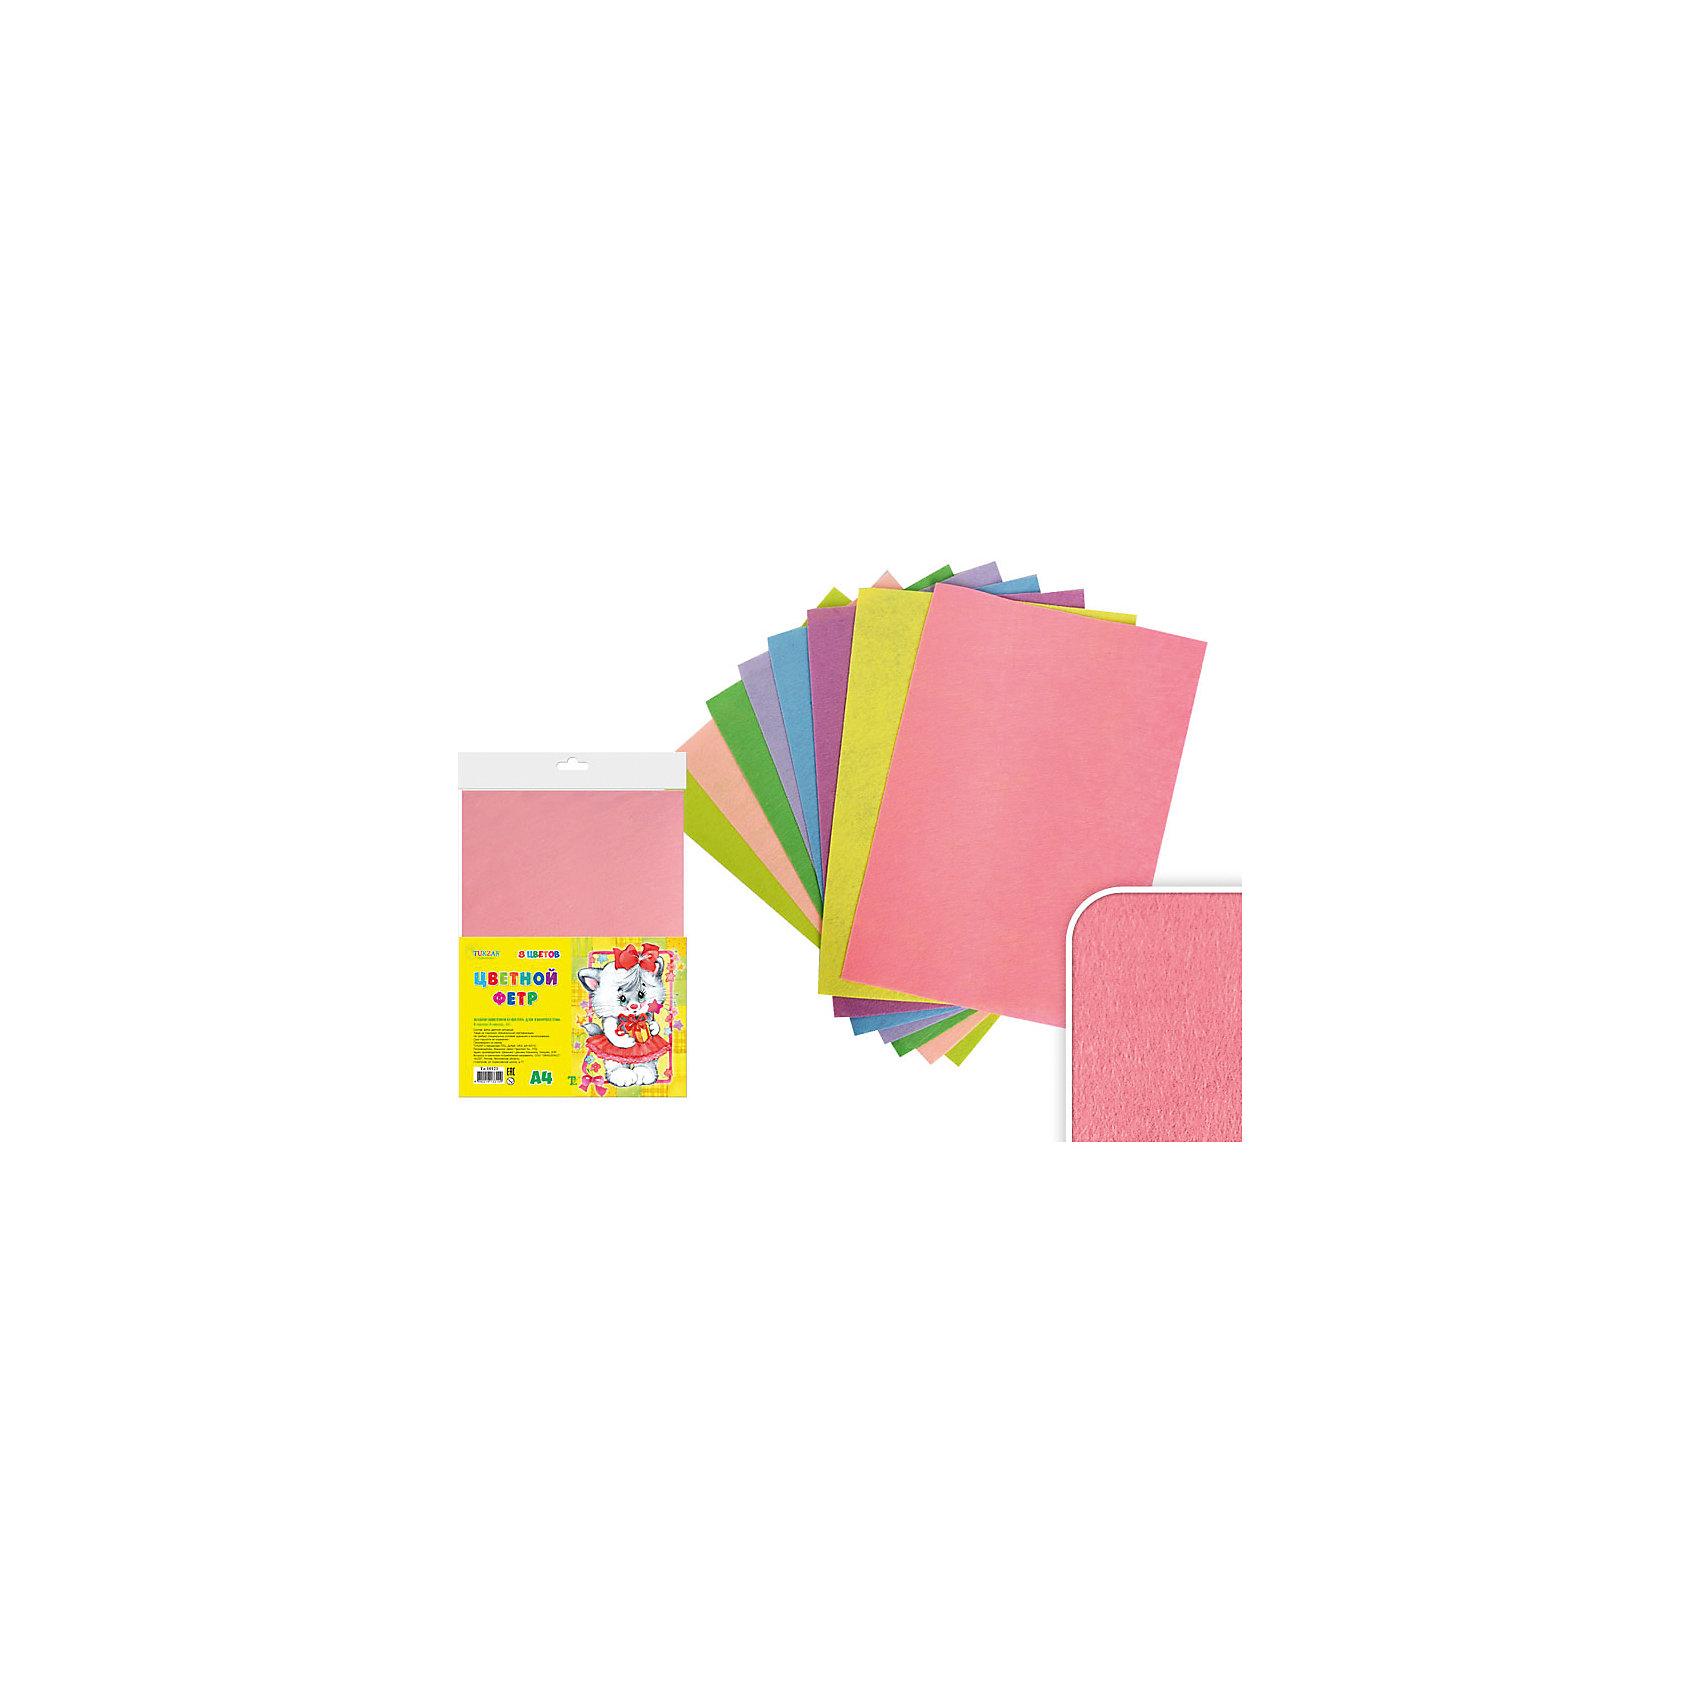 Набор цветного фетра А4 (8 листов, 8 цветов)Набор цветного фетра подойдет для различных аппликаций, позволит ребенку в полной мере выразить себя в творческой деятельности. Фетр - яркий, приятный на ощупь, легко приклеивается. <br><br>Дополнительная информация:<br><br>- Материал: фетр.<br>- Формат листа: А4.<br>- 8 листов в комплекте.<br>- 8 цветов. <br><br>Набор цветного фетра А4 (8 листов, 8 цветов) можно купить в нашем магазине.<br><br>Ширина мм: 305<br>Глубина мм: 212<br>Высота мм: 5<br>Вес г: 100<br>Возраст от месяцев: 36<br>Возраст до месяцев: 2147483647<br>Пол: Унисекс<br>Возраст: Детский<br>SKU: 4558411